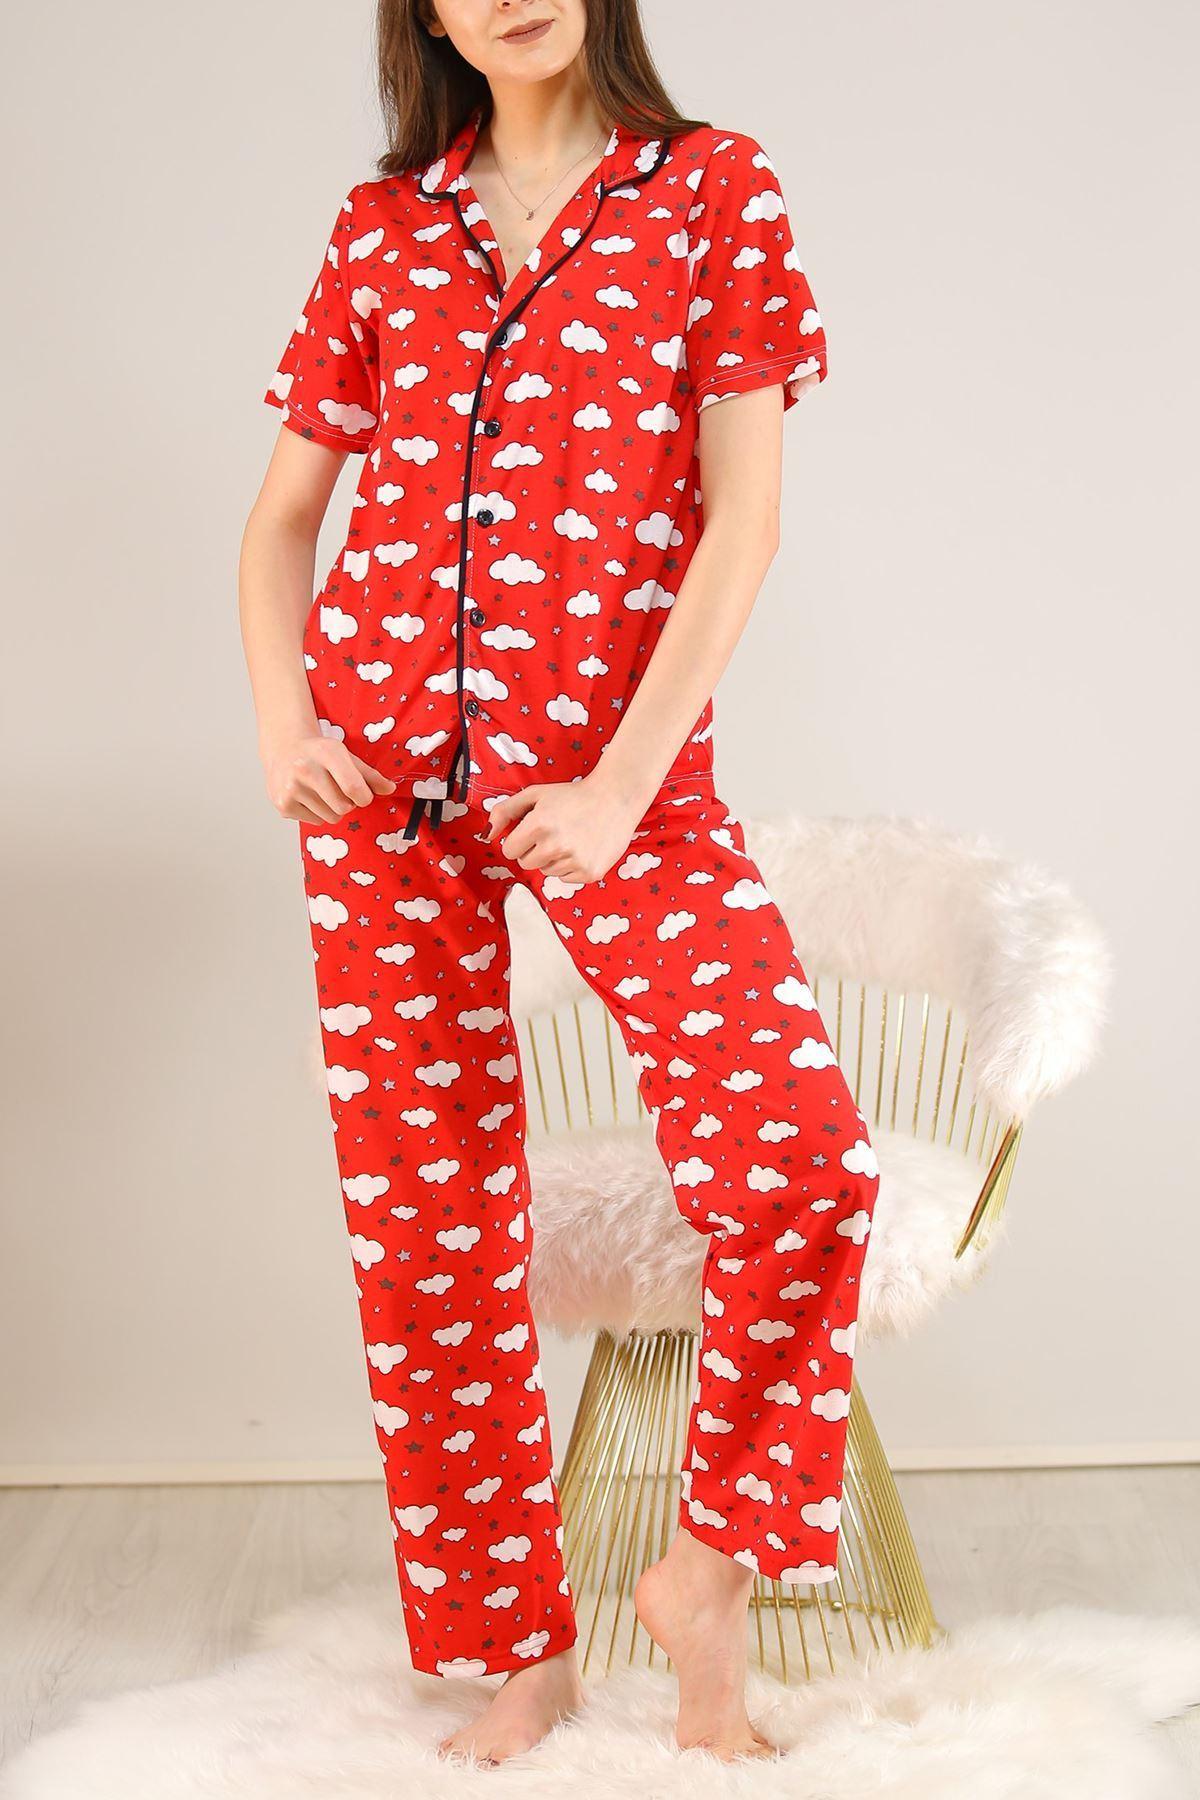 Düğmeli Pijama Takımı Kırmızıbeyaz - 4782.102.